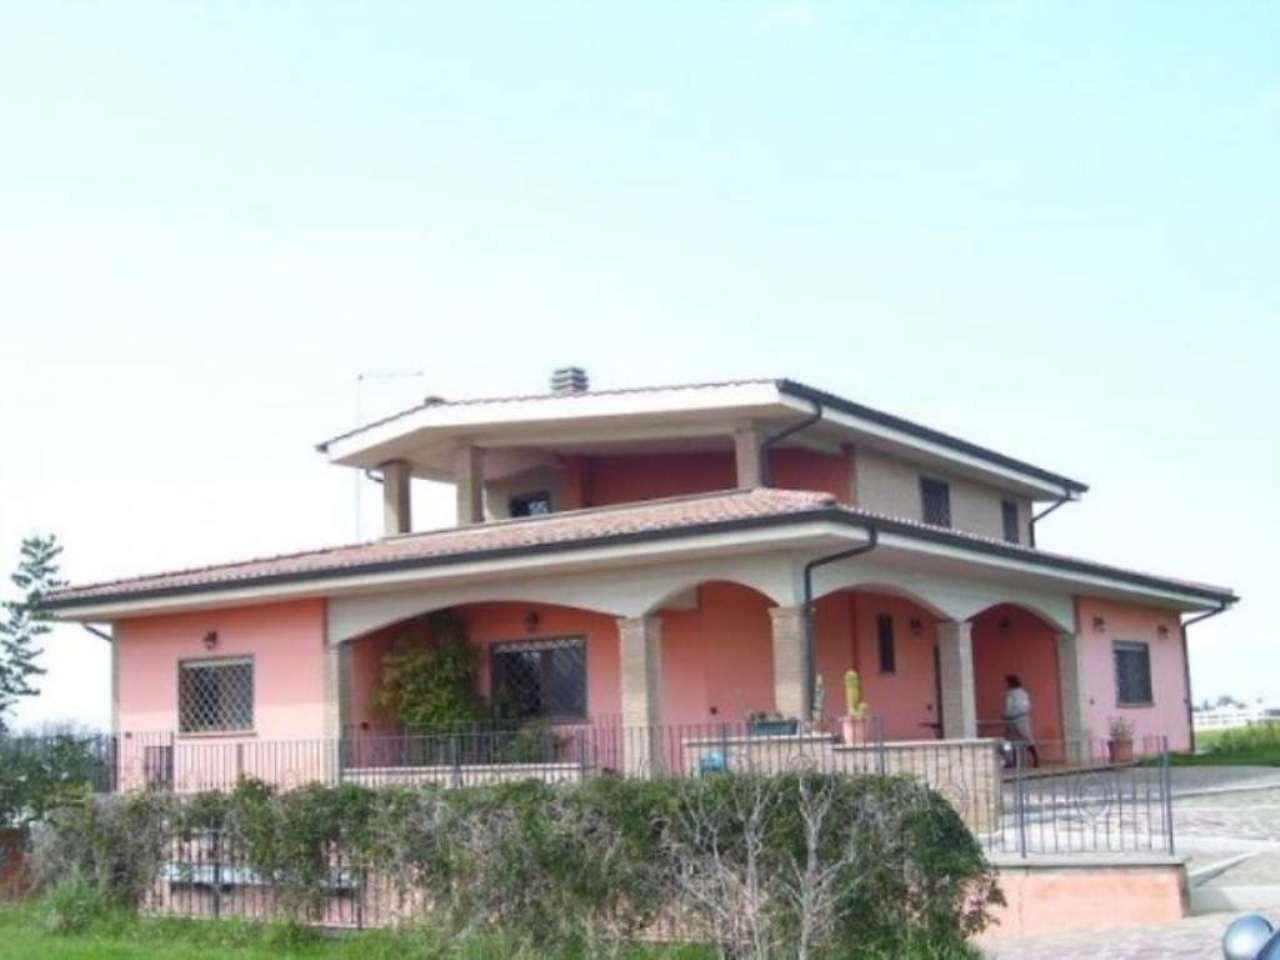 Villa in vendita a Pomezia, 6 locali, prezzo € 550.000 | Cambio Casa.it